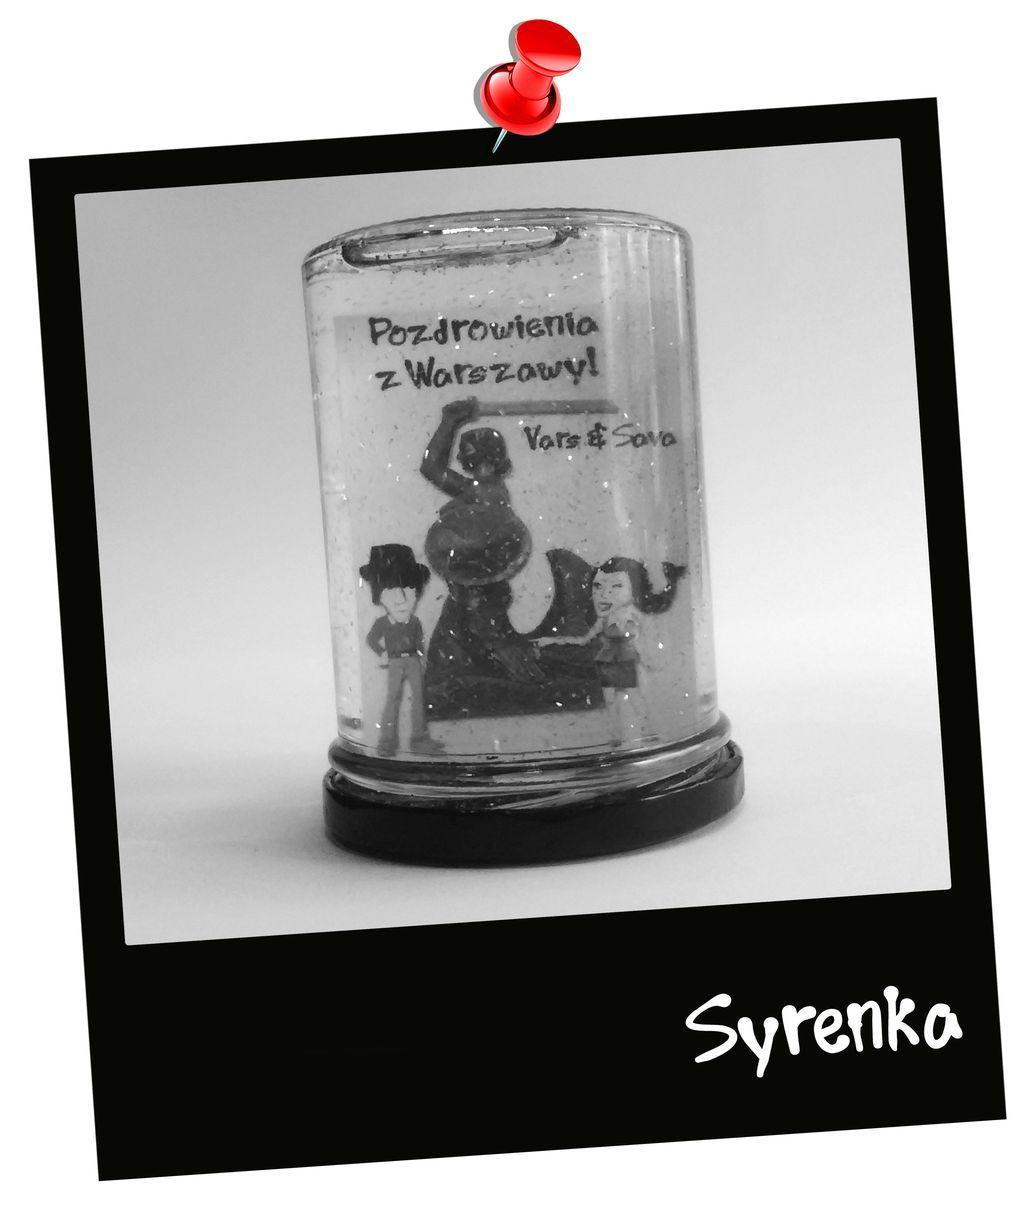 syrenka2